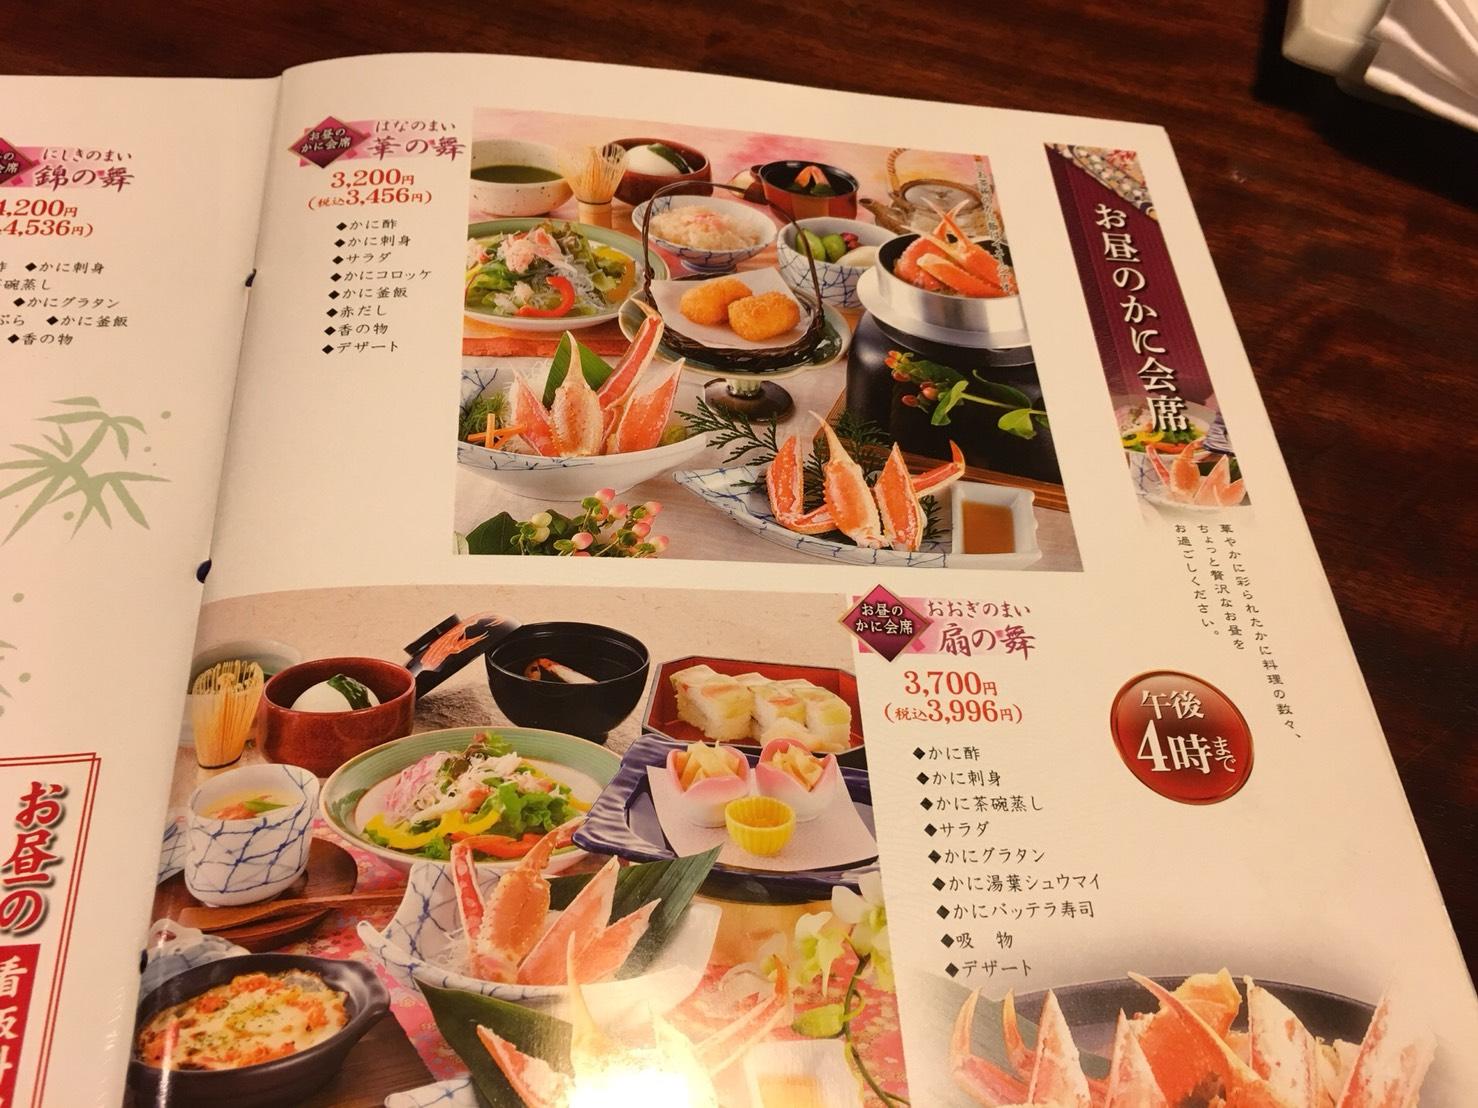 【新宿駅】贅の極み!蟹ざんまいで蟹に溺れる贅沢体験!豪華絢爛な「かに道楽」のランチ会席メニュー